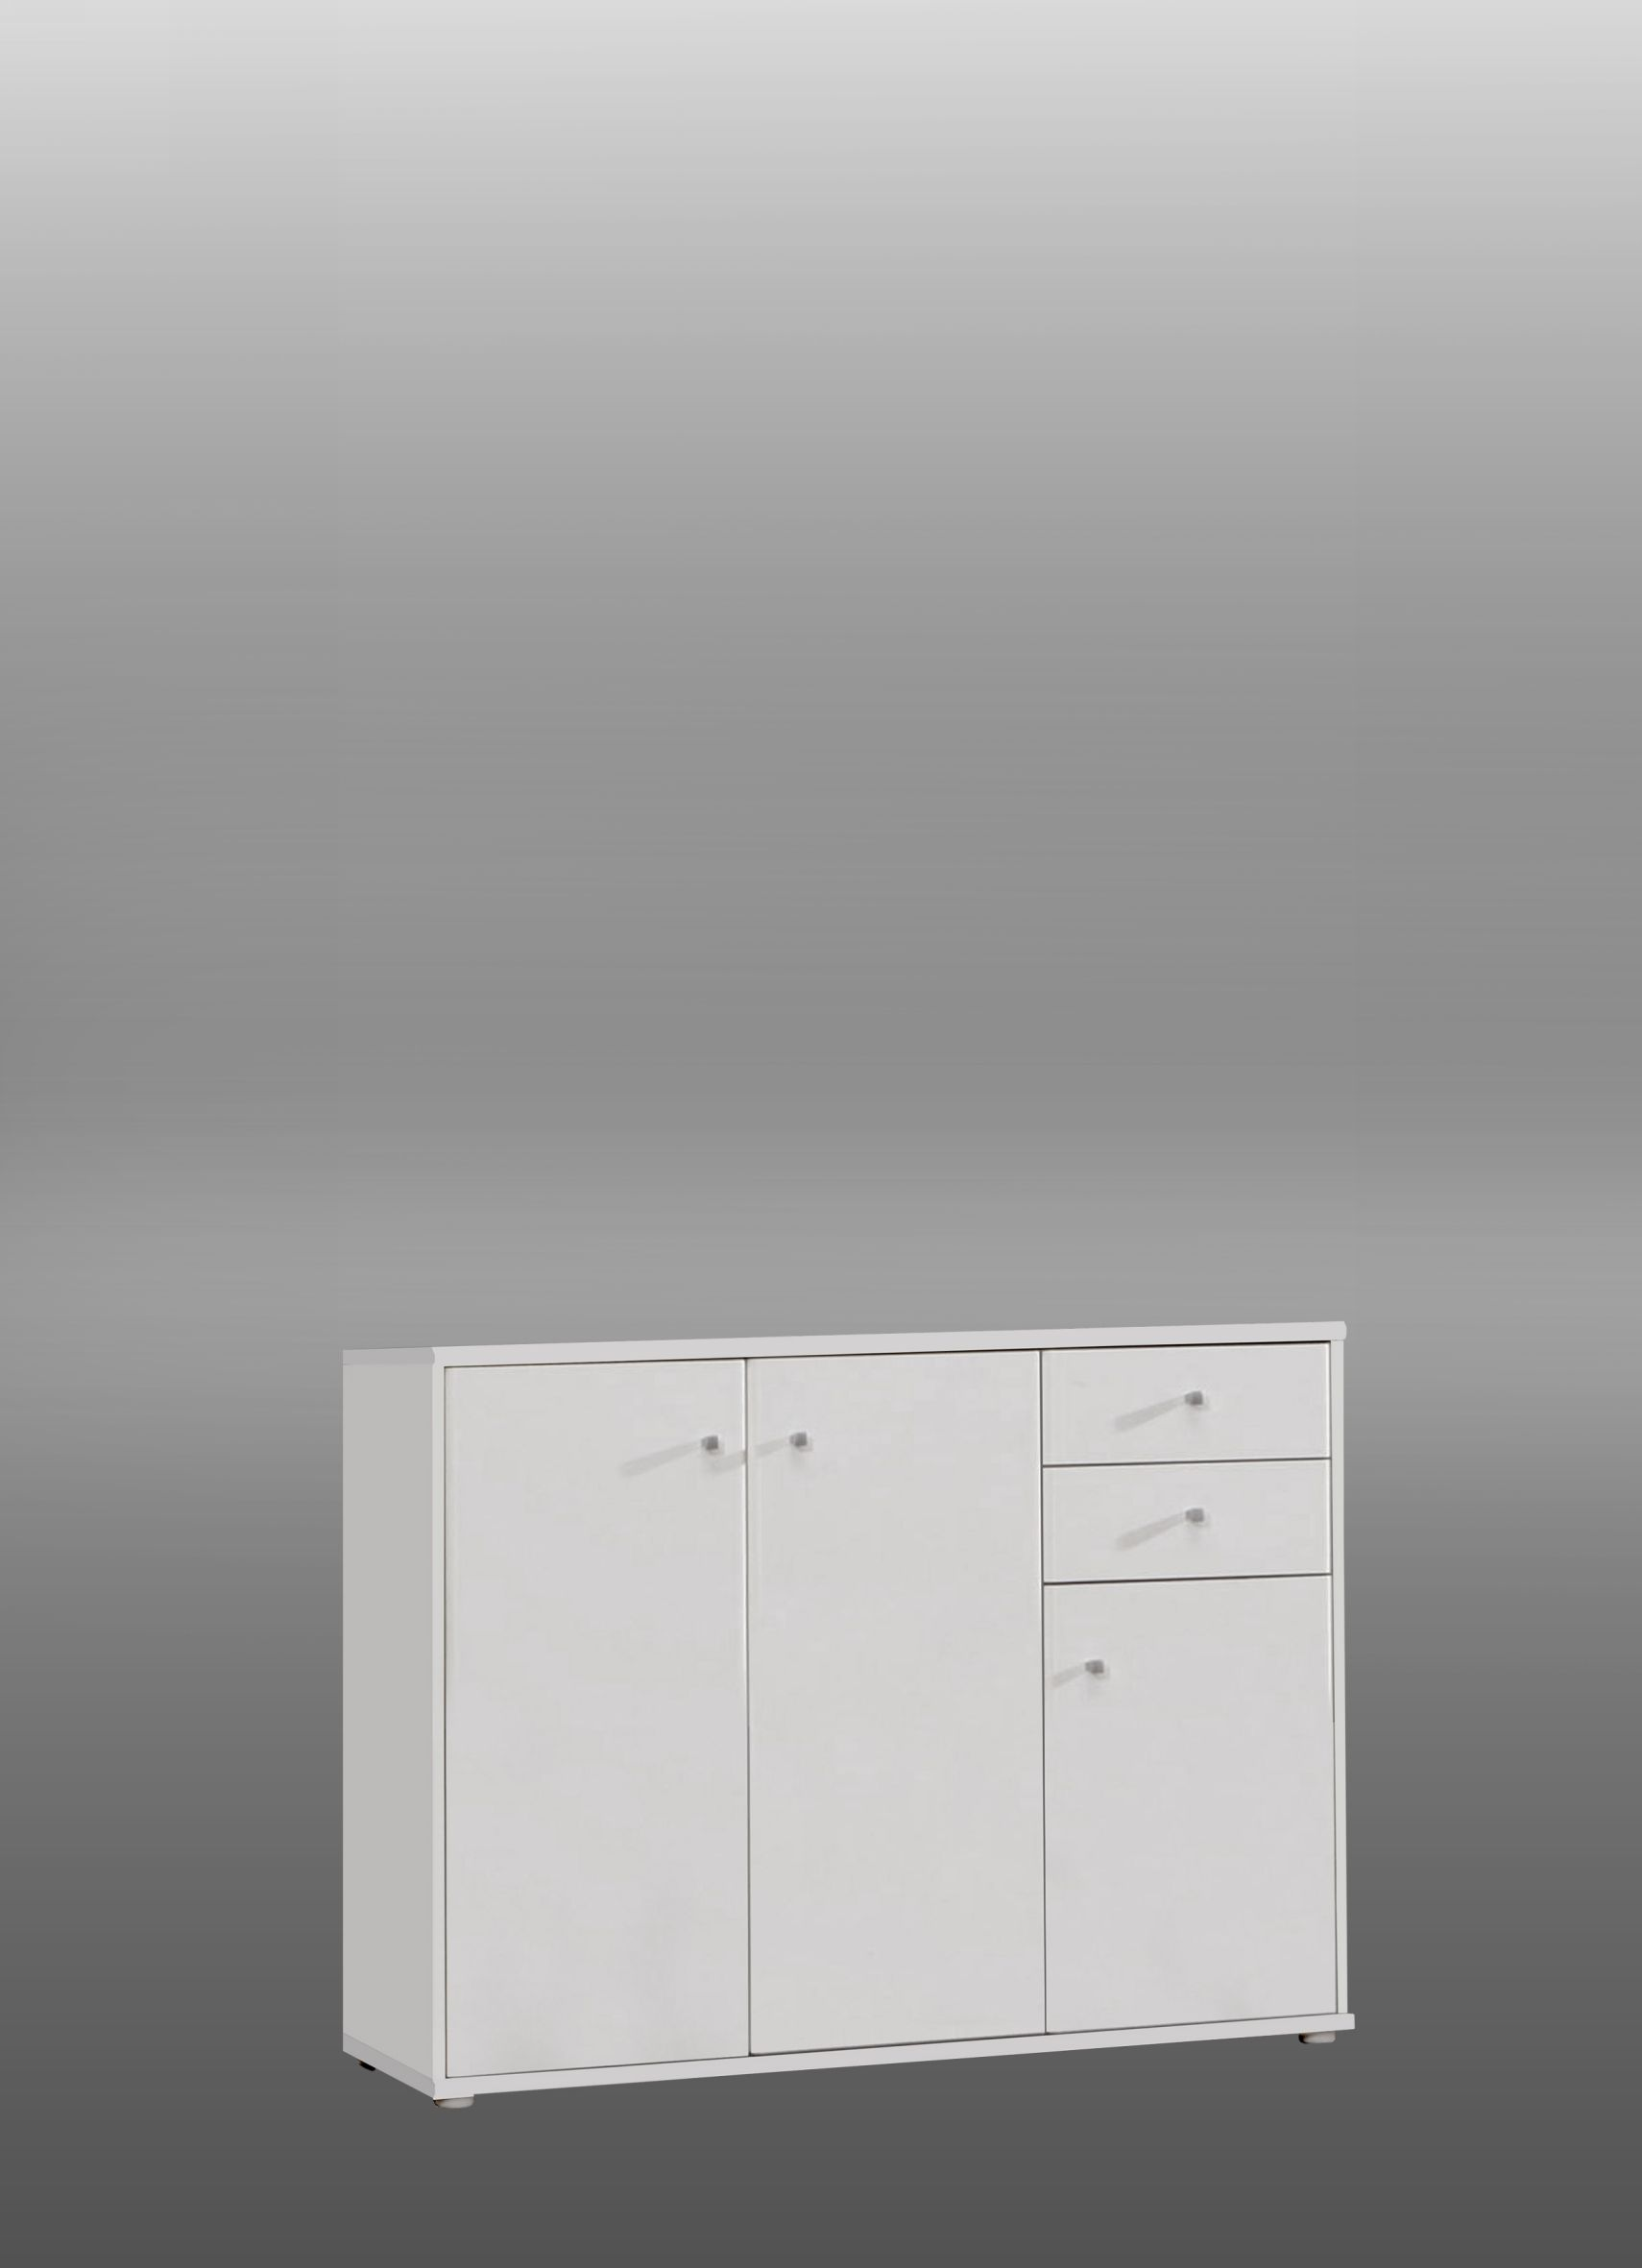 Kommode Tempra 3-türig mit 2 SK Weiß